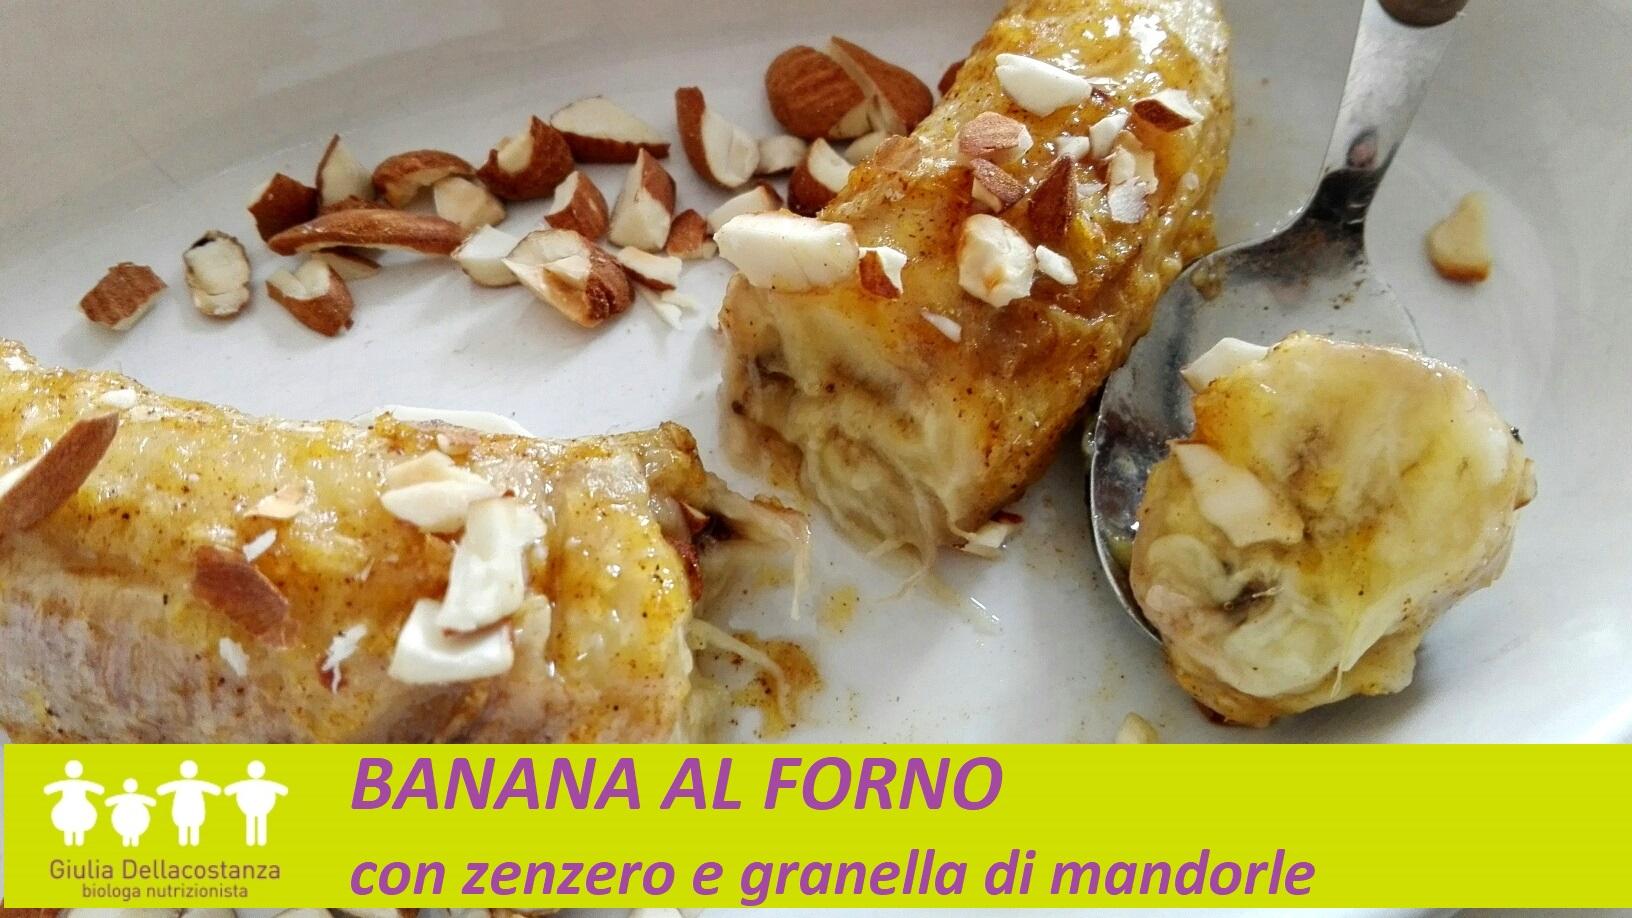 Frutta condita - banana al forno con zenzero e granella di mandorle.